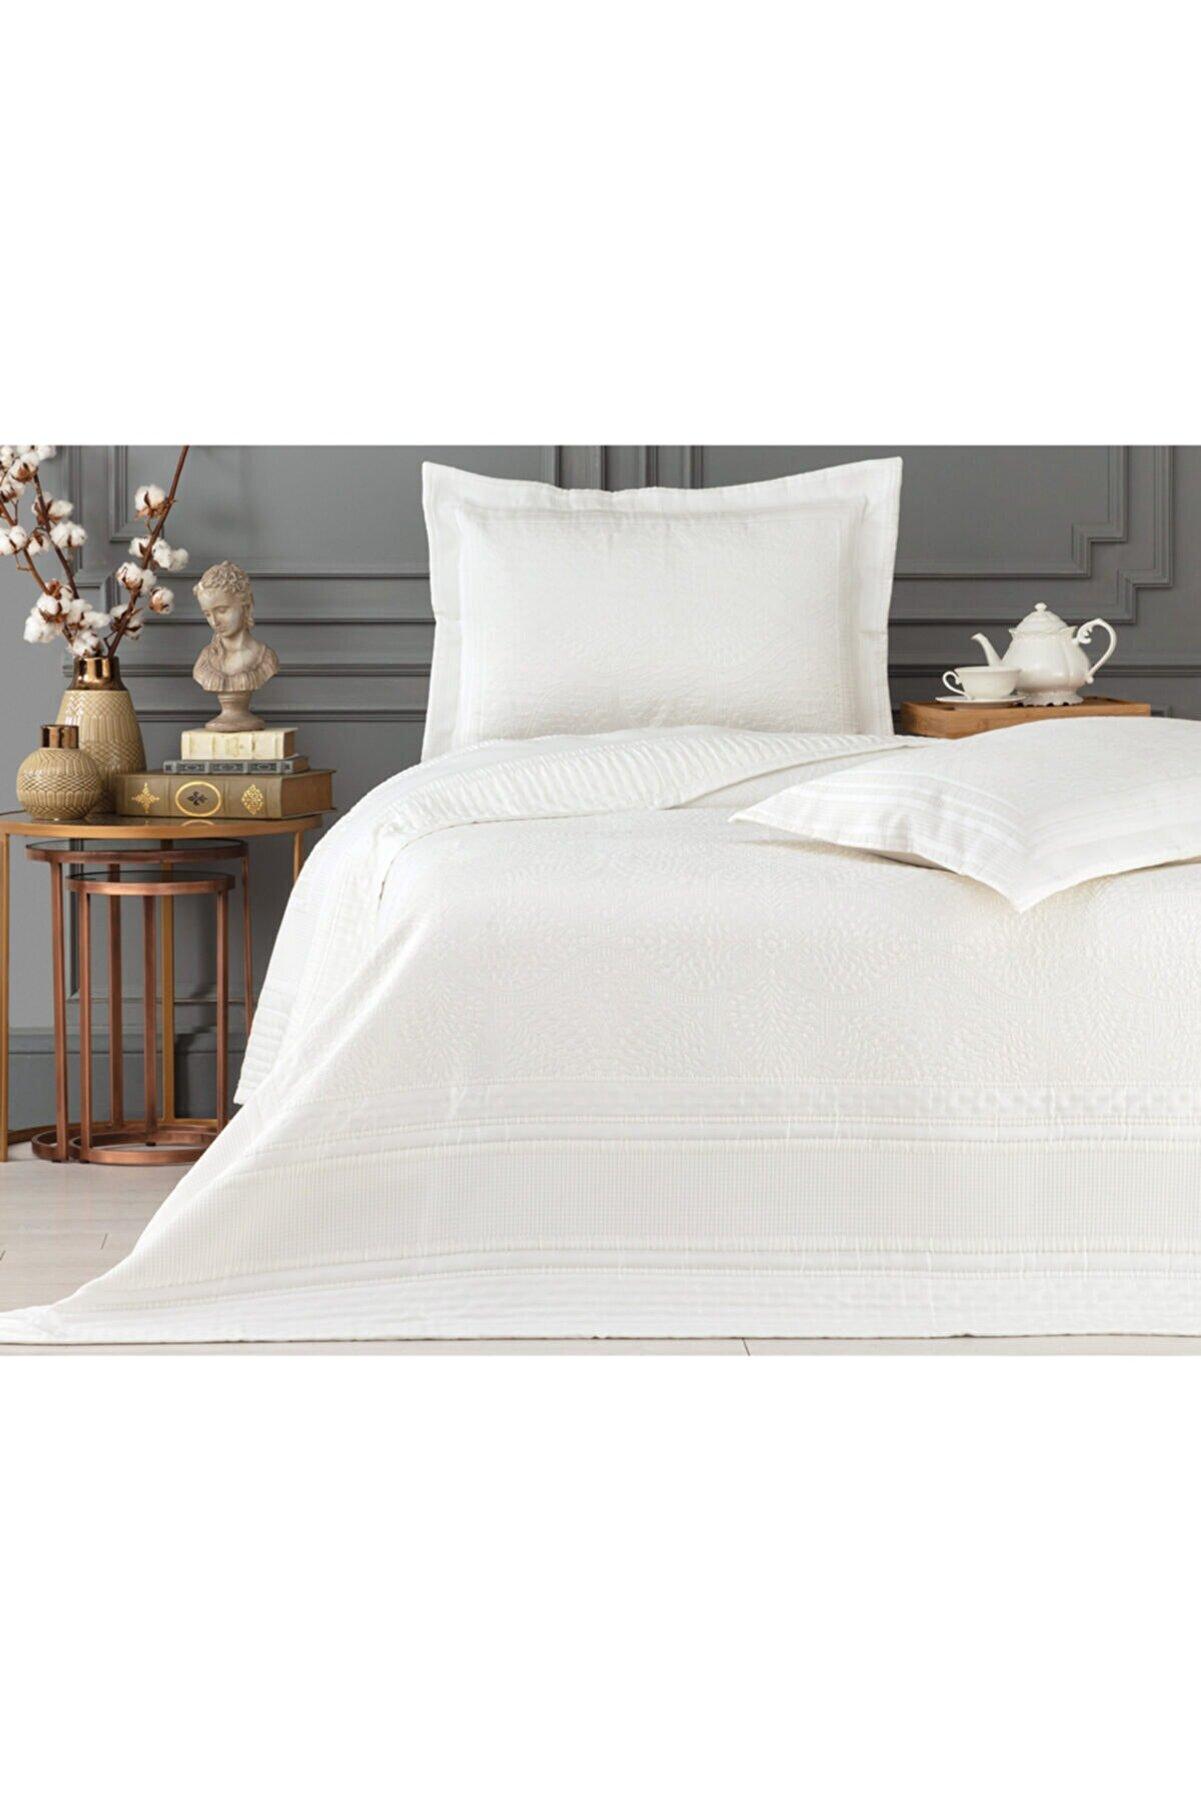 Madame Coco Matiese Çift Kişilik Yatak Örtüsü - Beyaz